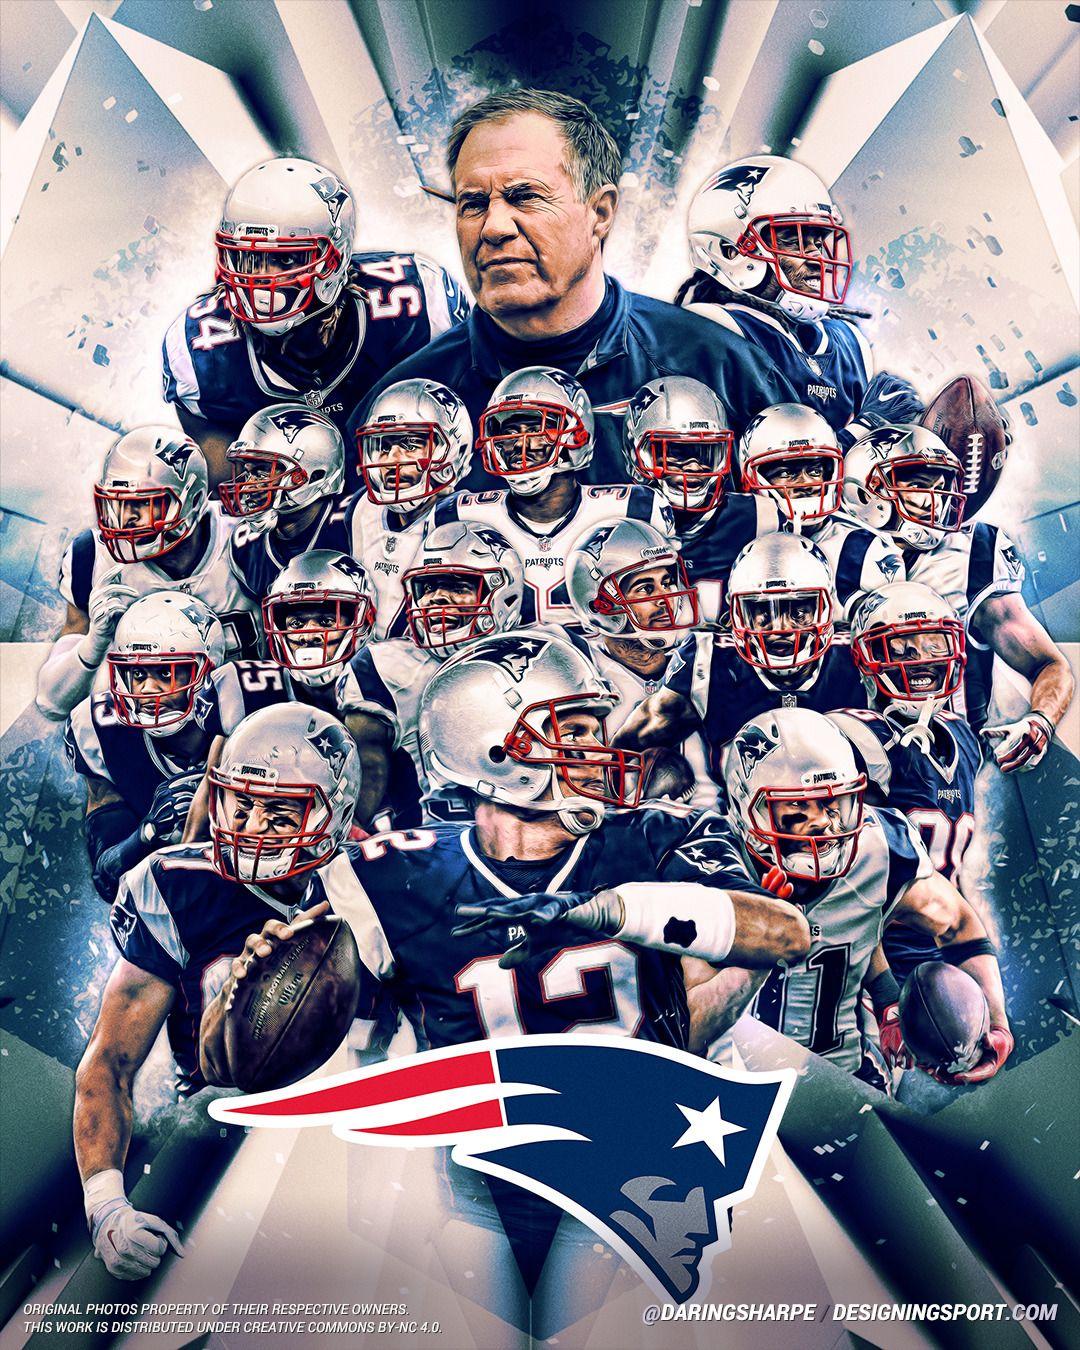 2018 New England Patriots New England Patriots Patriots Patriots Fans